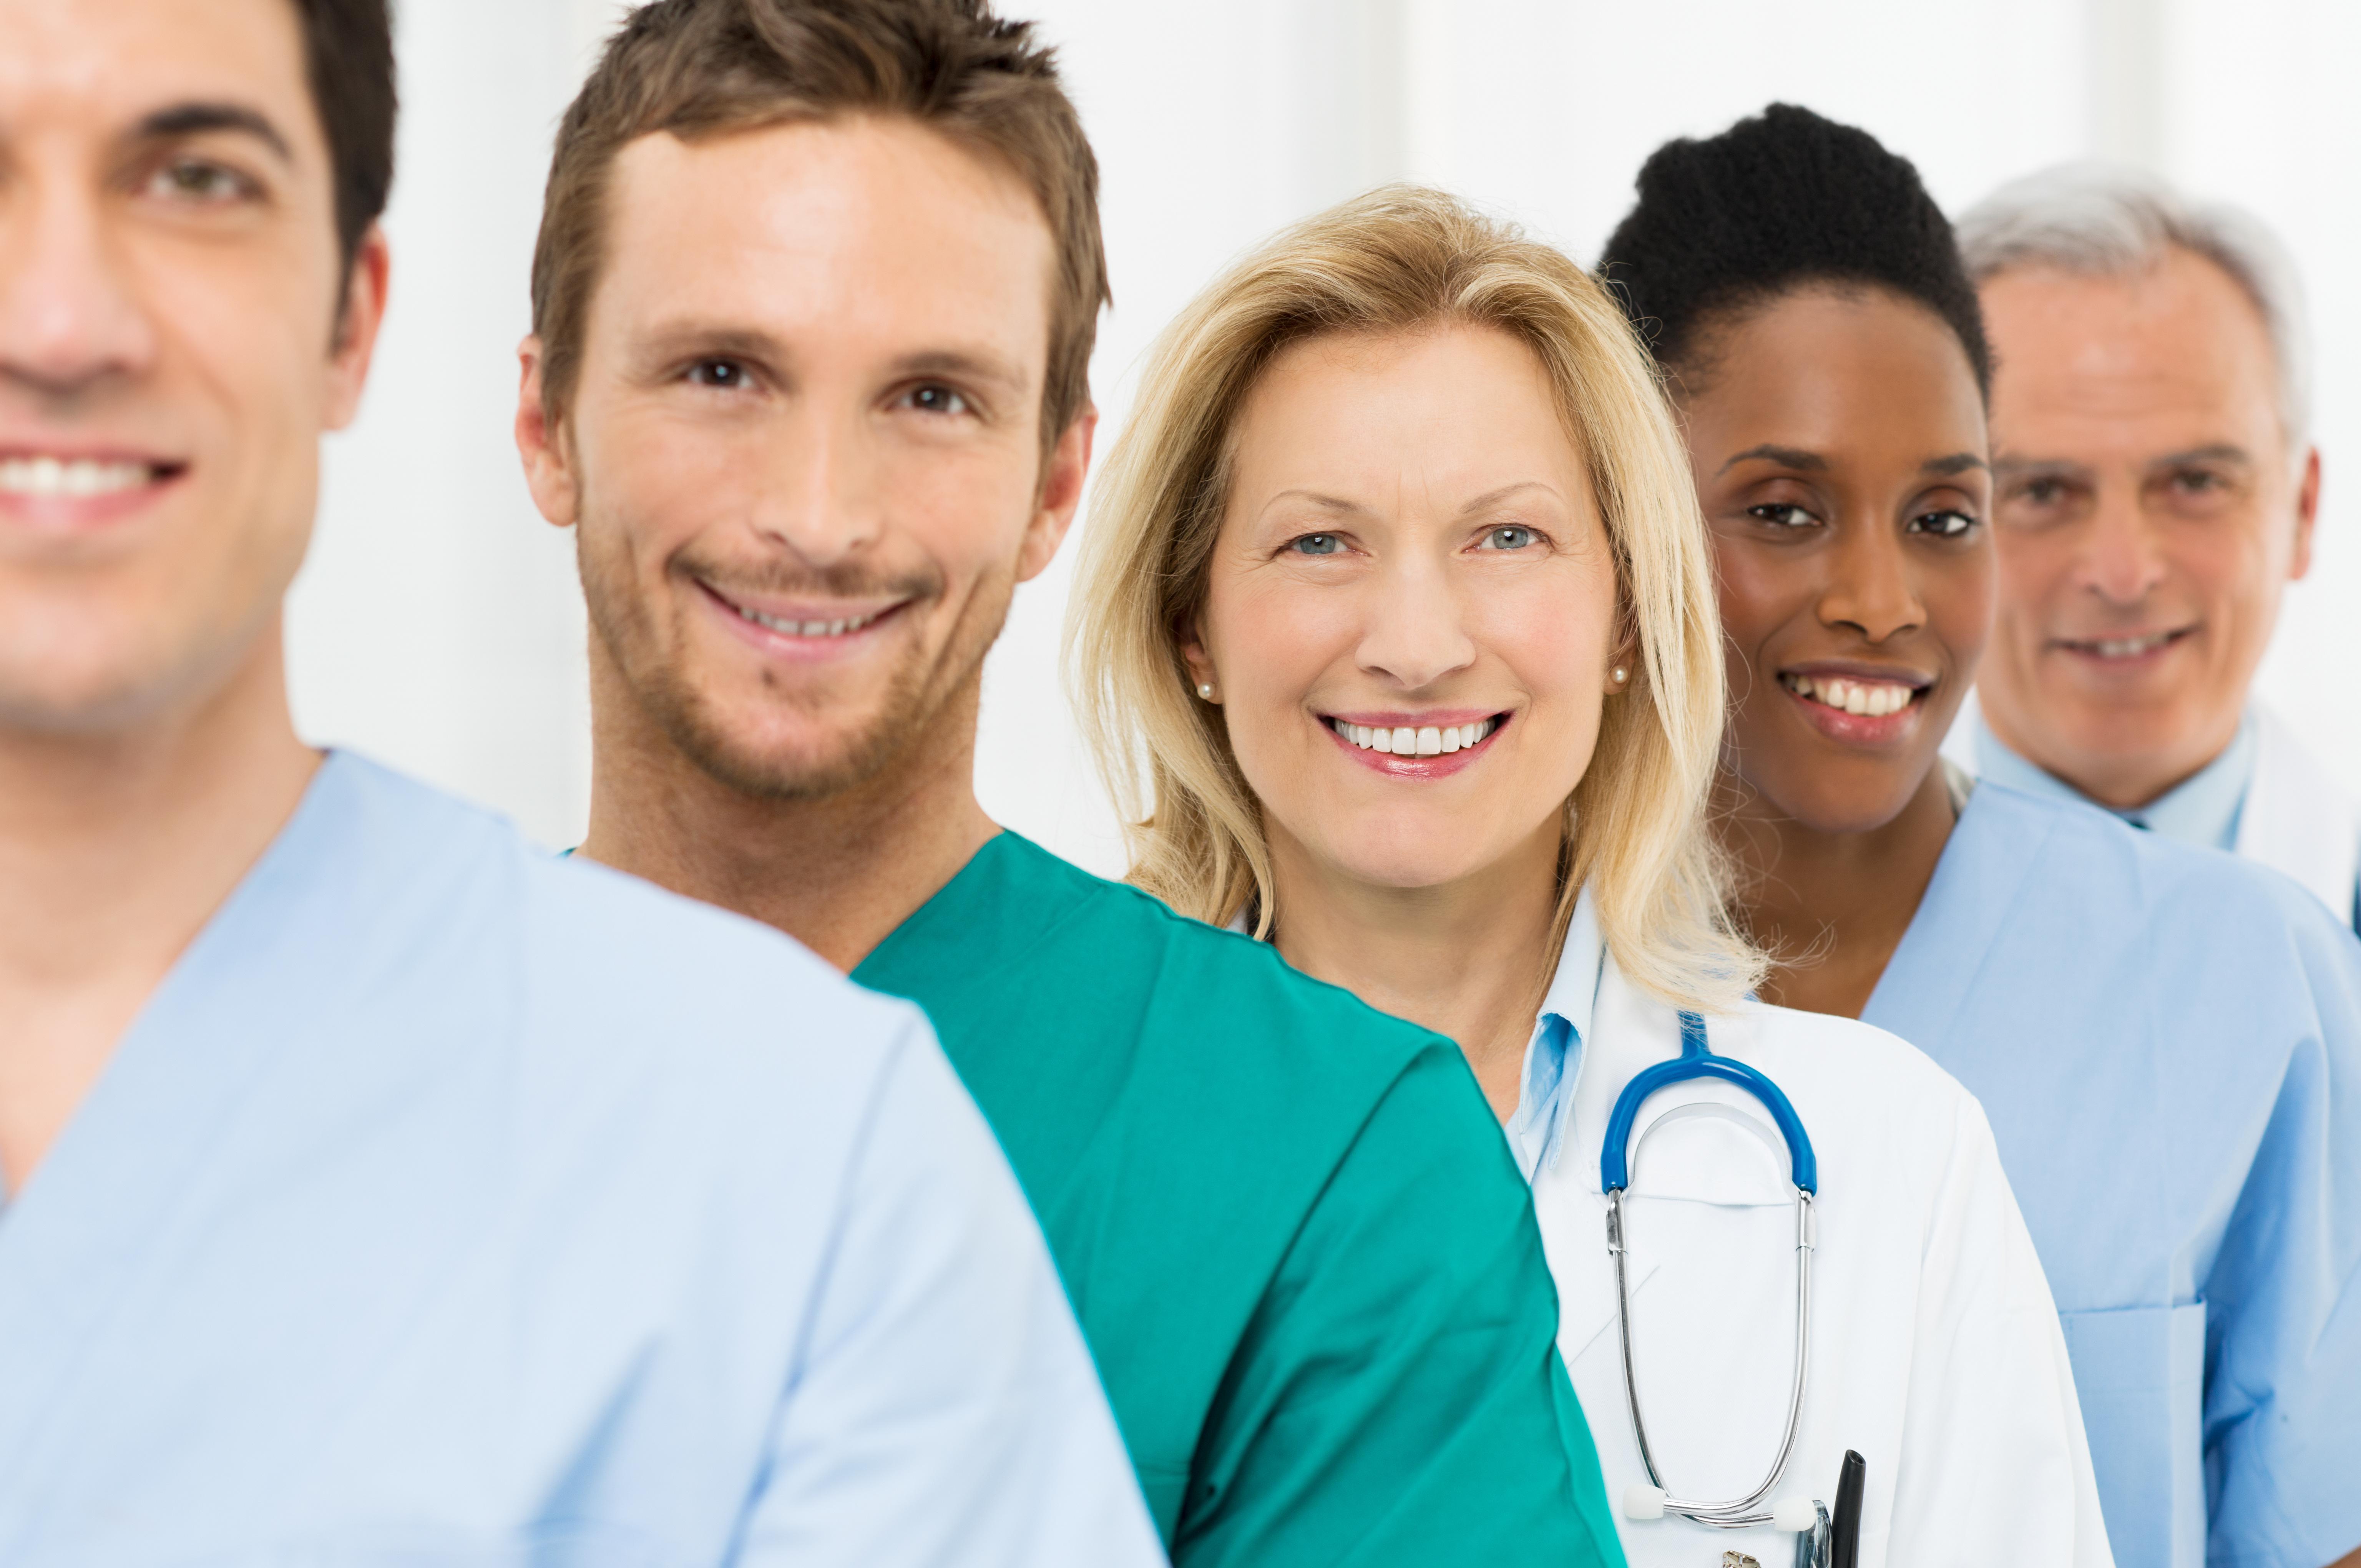 Trabalhar como médico na França